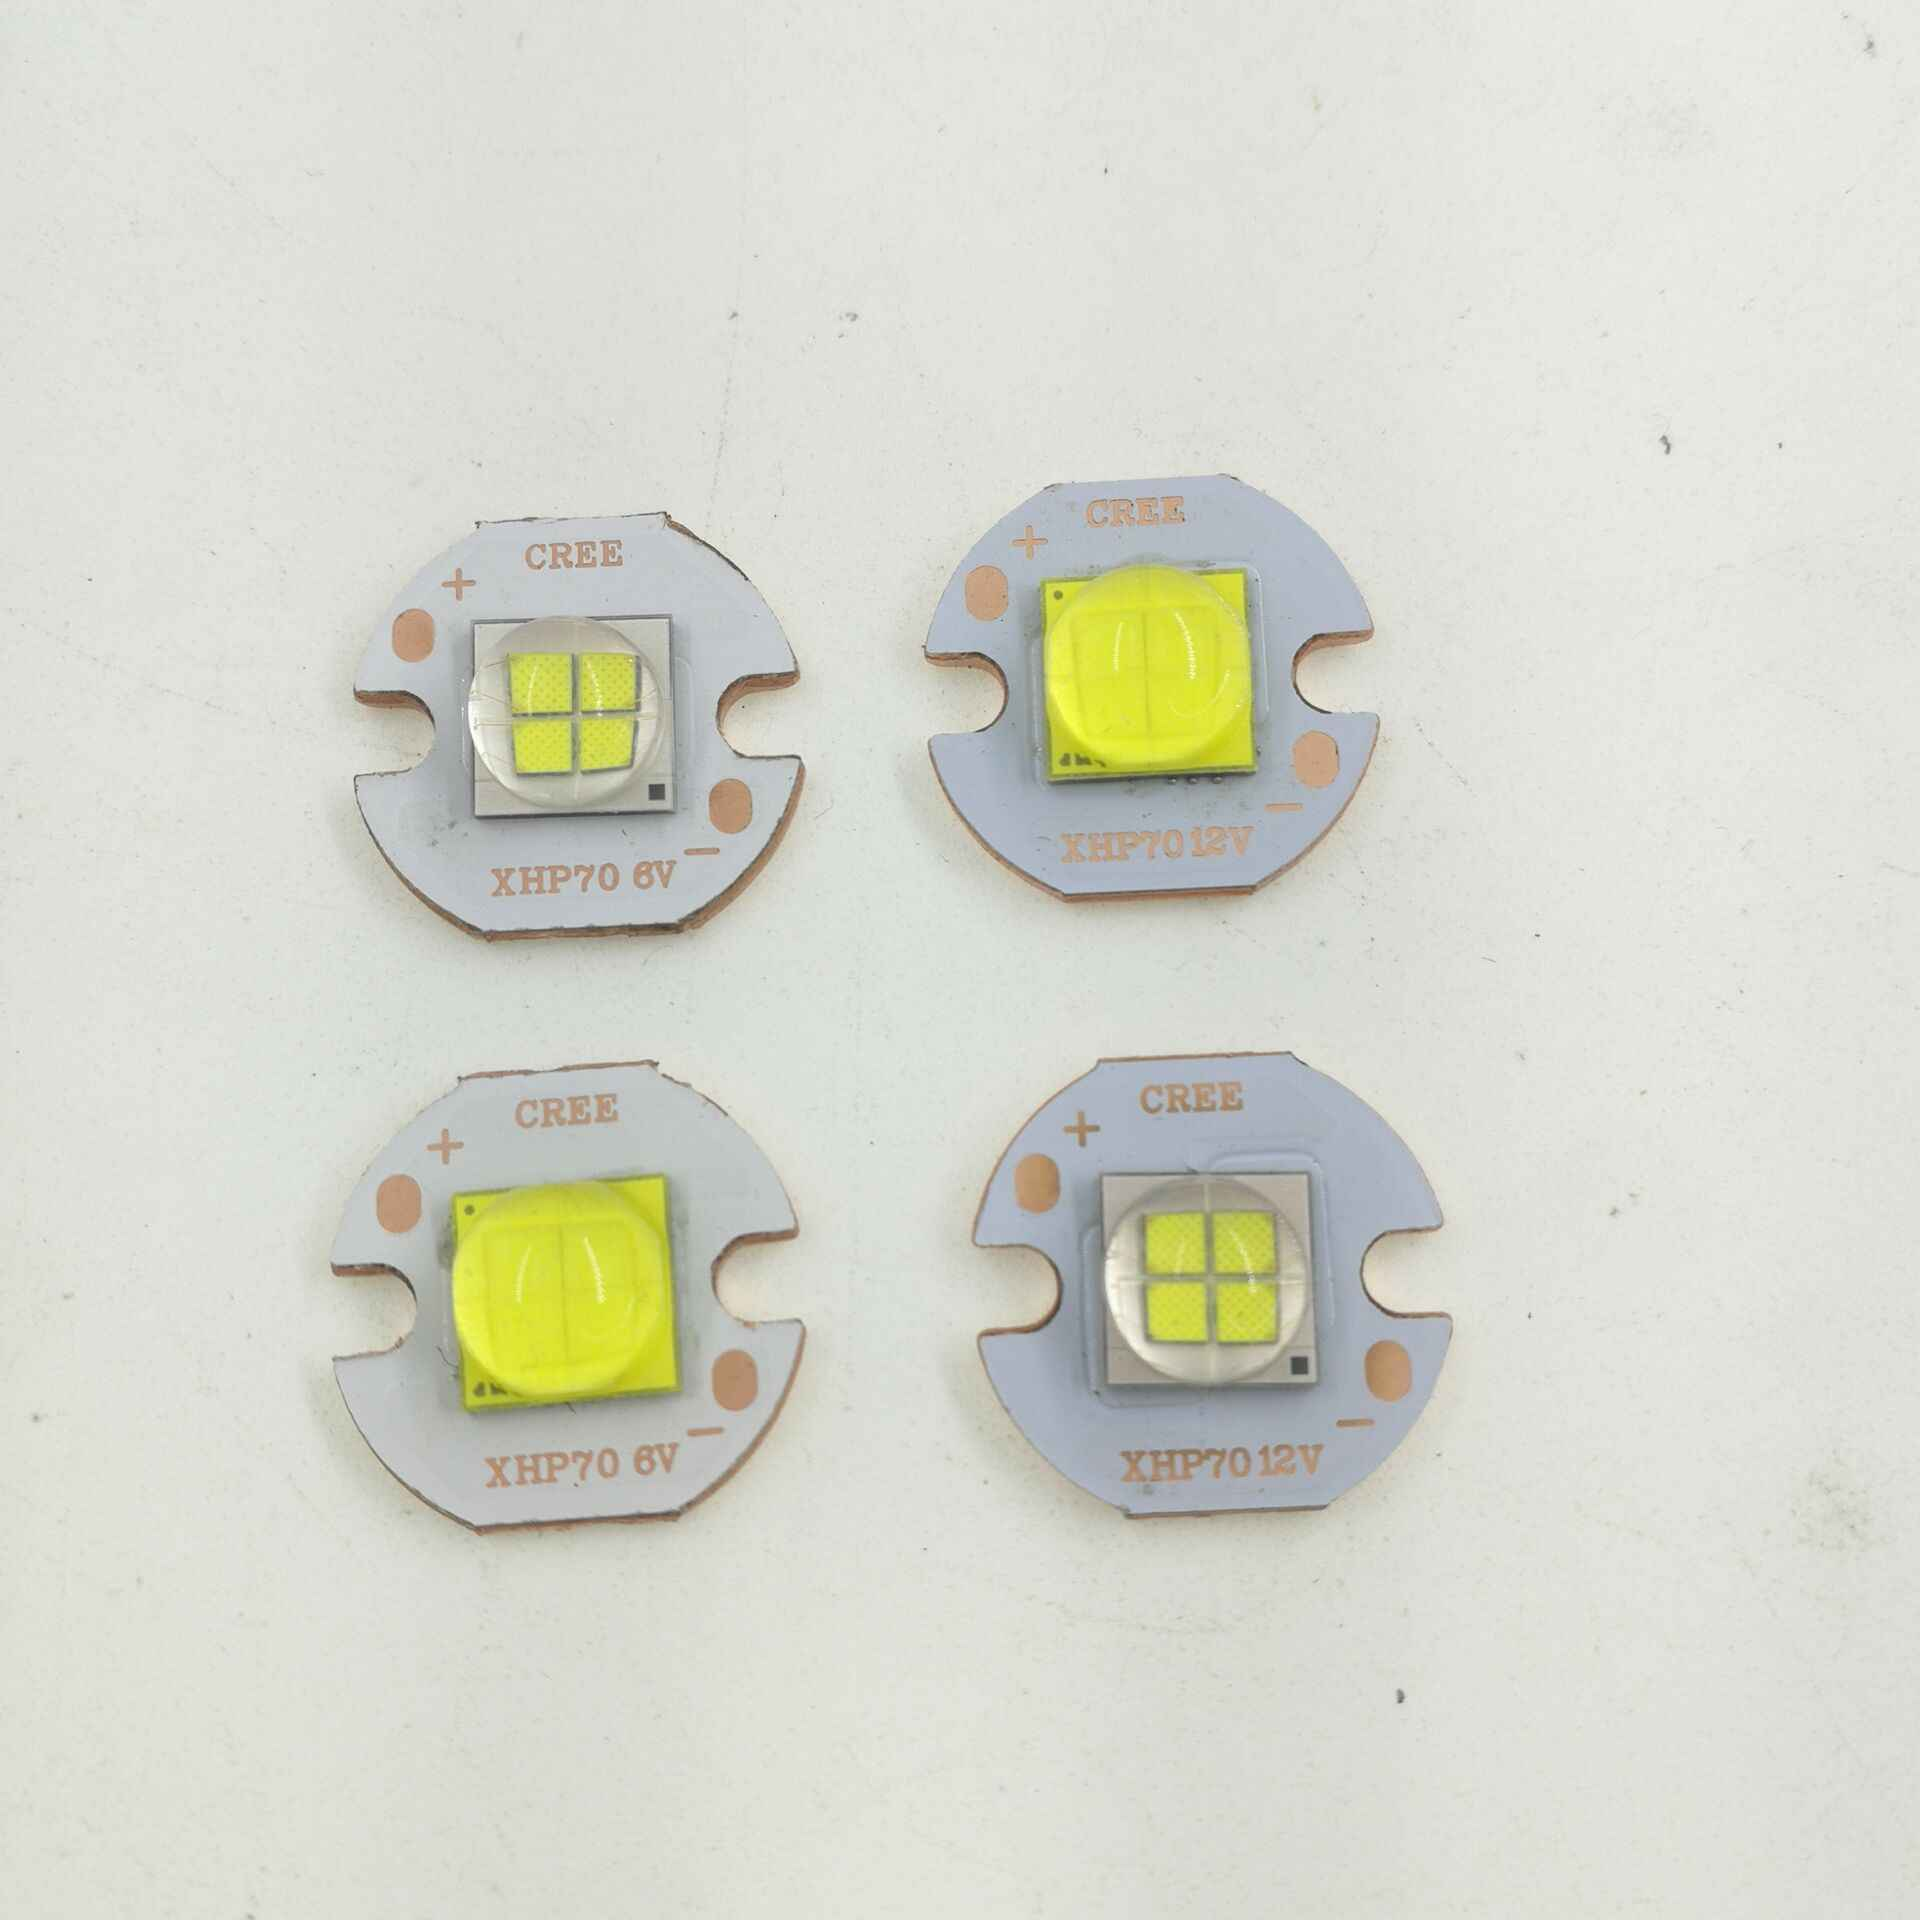 Epileds 7070 20W 12V 6V Led wymień Cree MKR XHP70 XHP50 LED emiter 6500K Chip LED